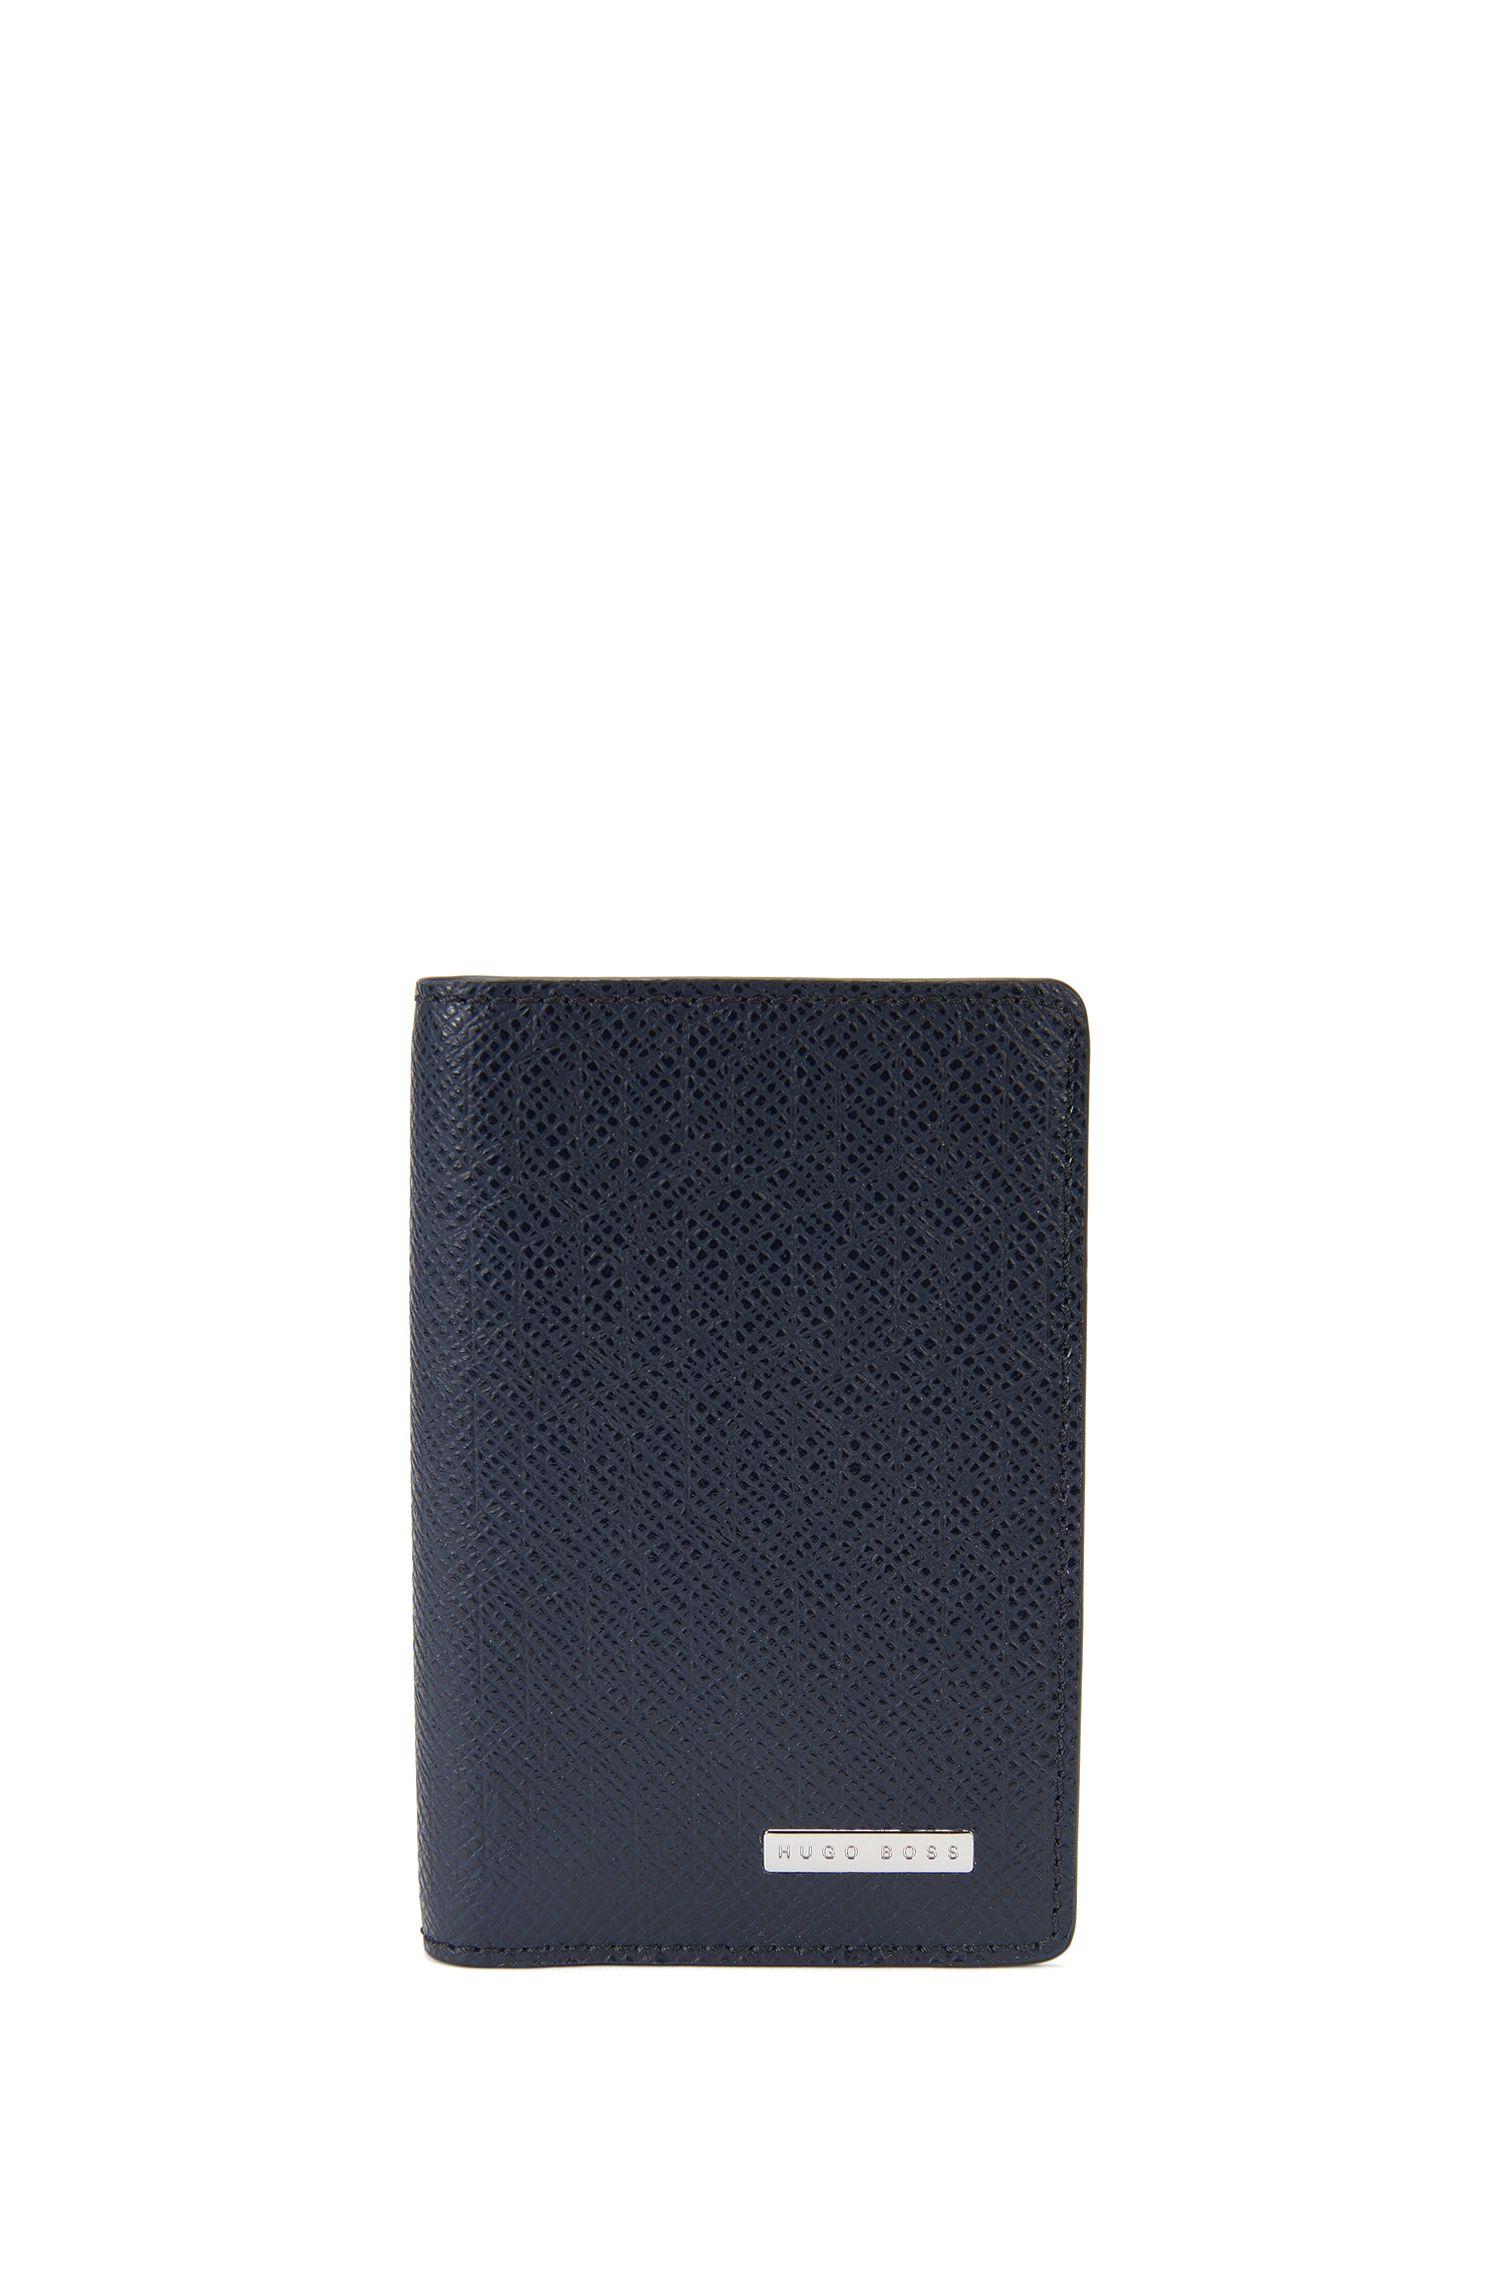 Portafoglio verticale ripiegabile Signature Holiday Edition in pelle palmellata